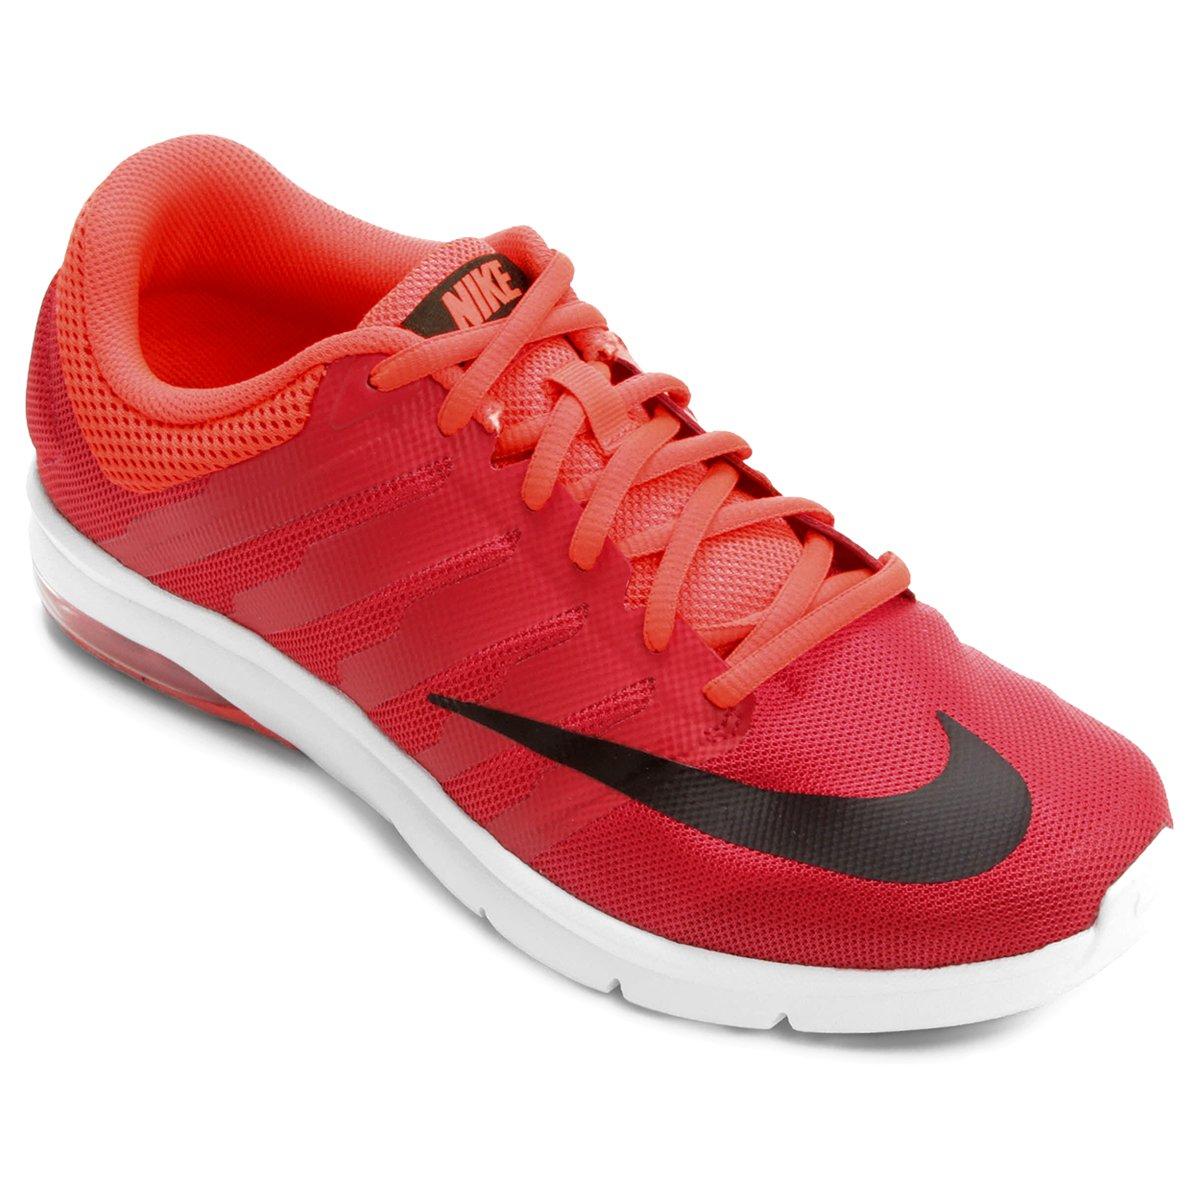 b57ce5ea1b2 Tênis Nike Air Max Era Masculino - Compre Agora